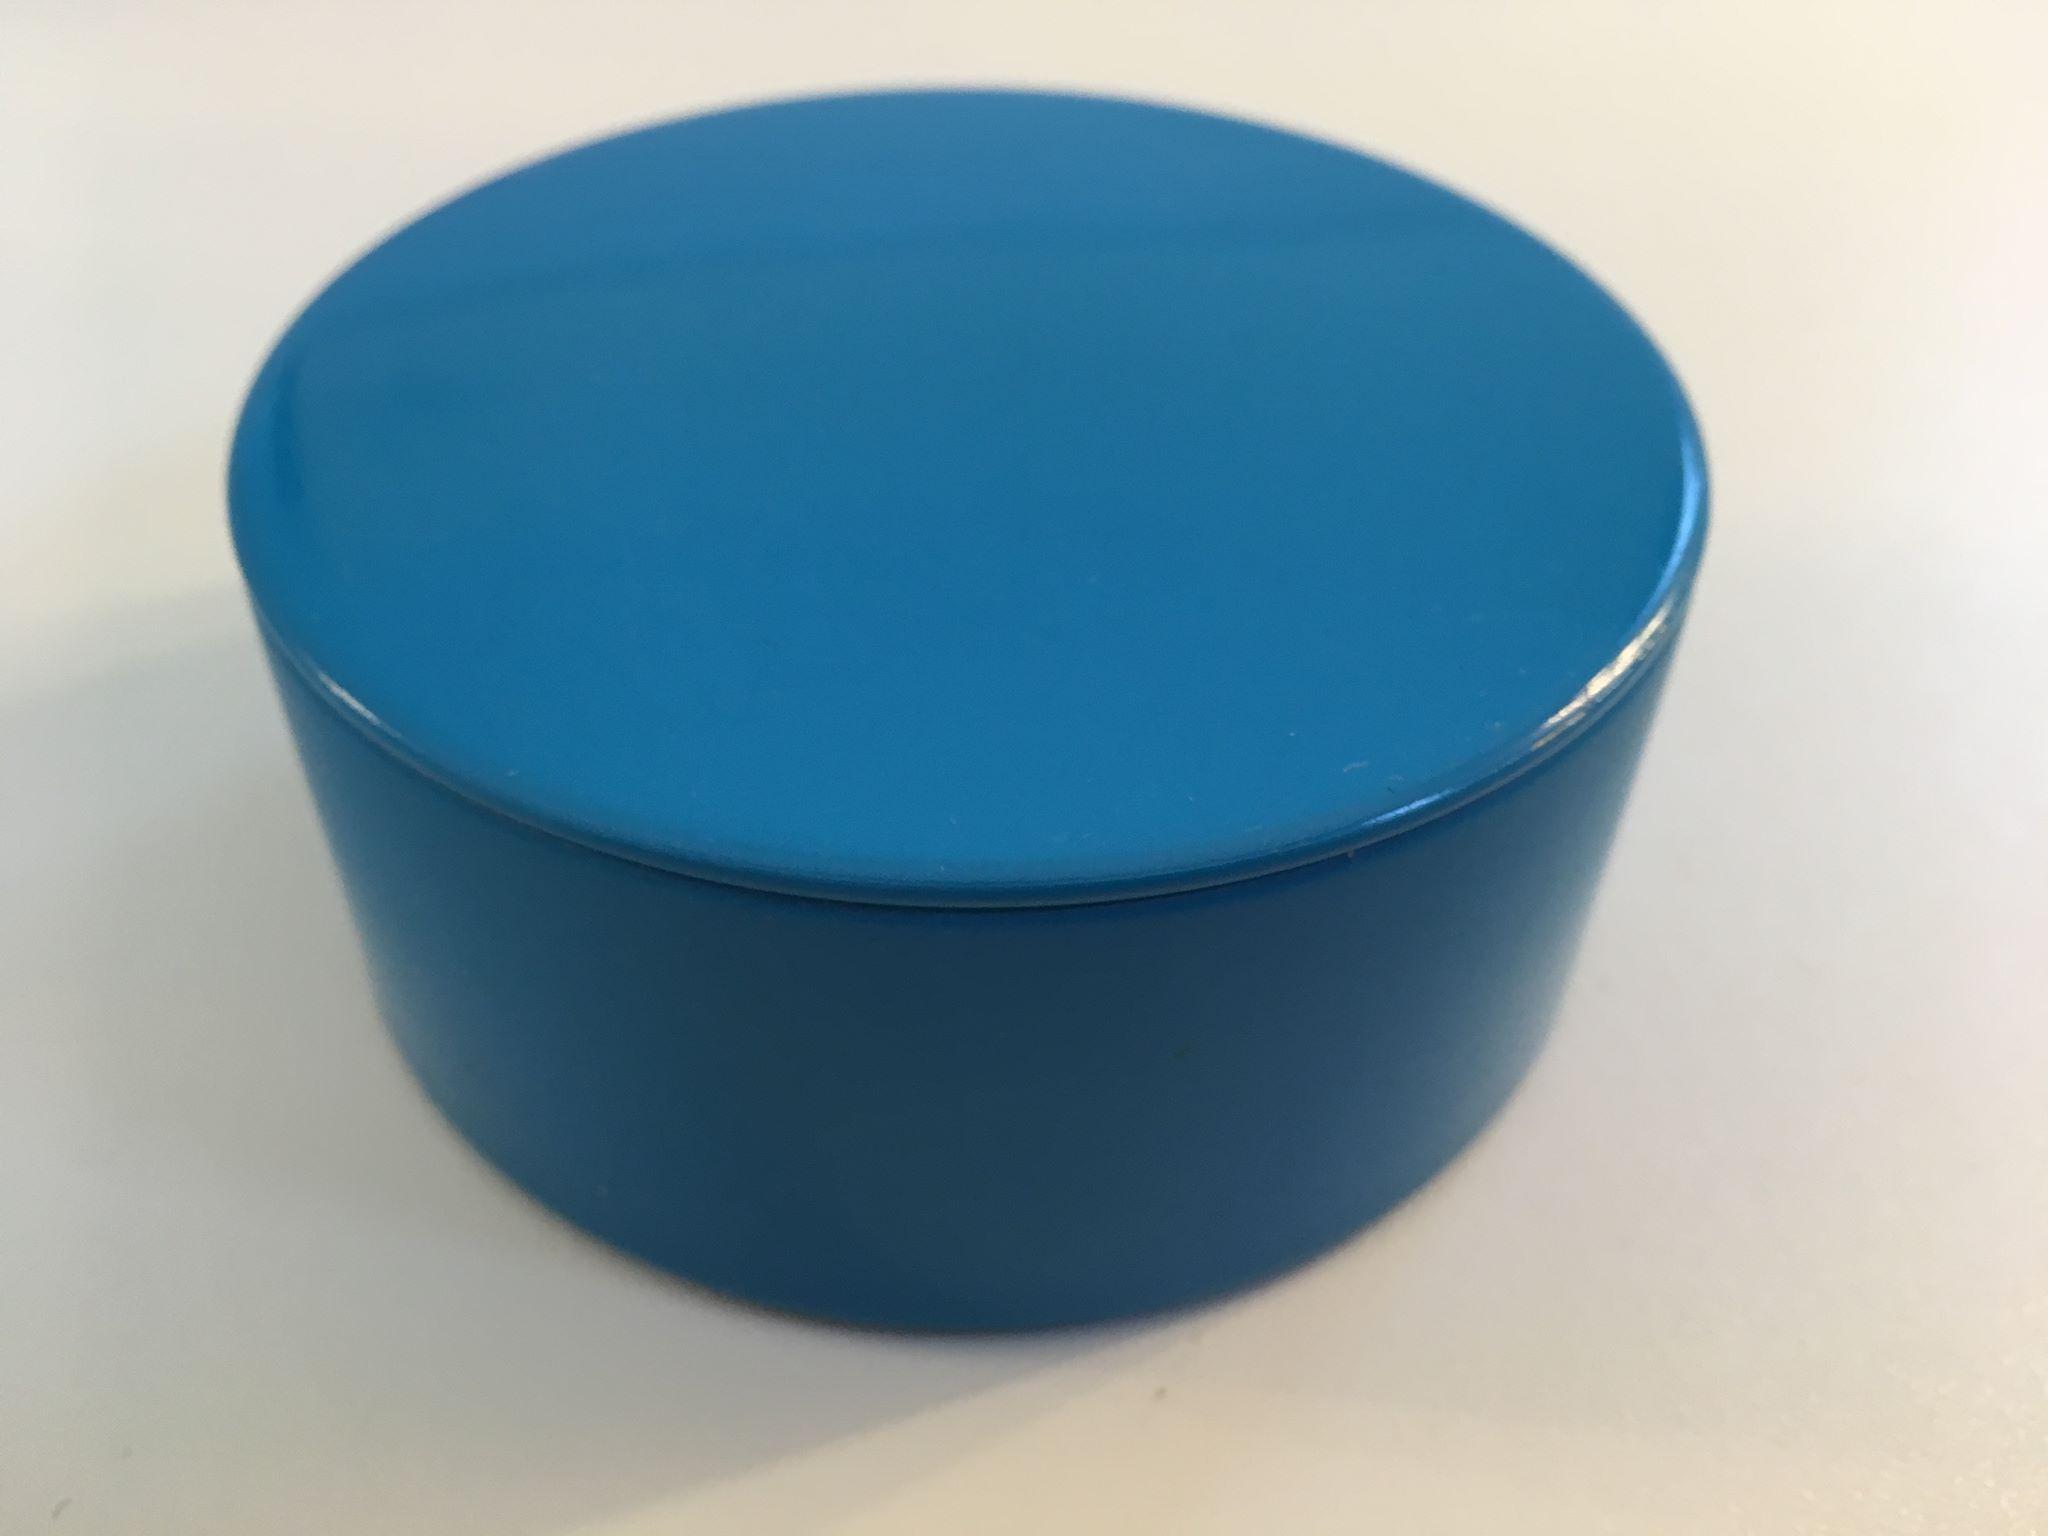 Blikken potje blauw